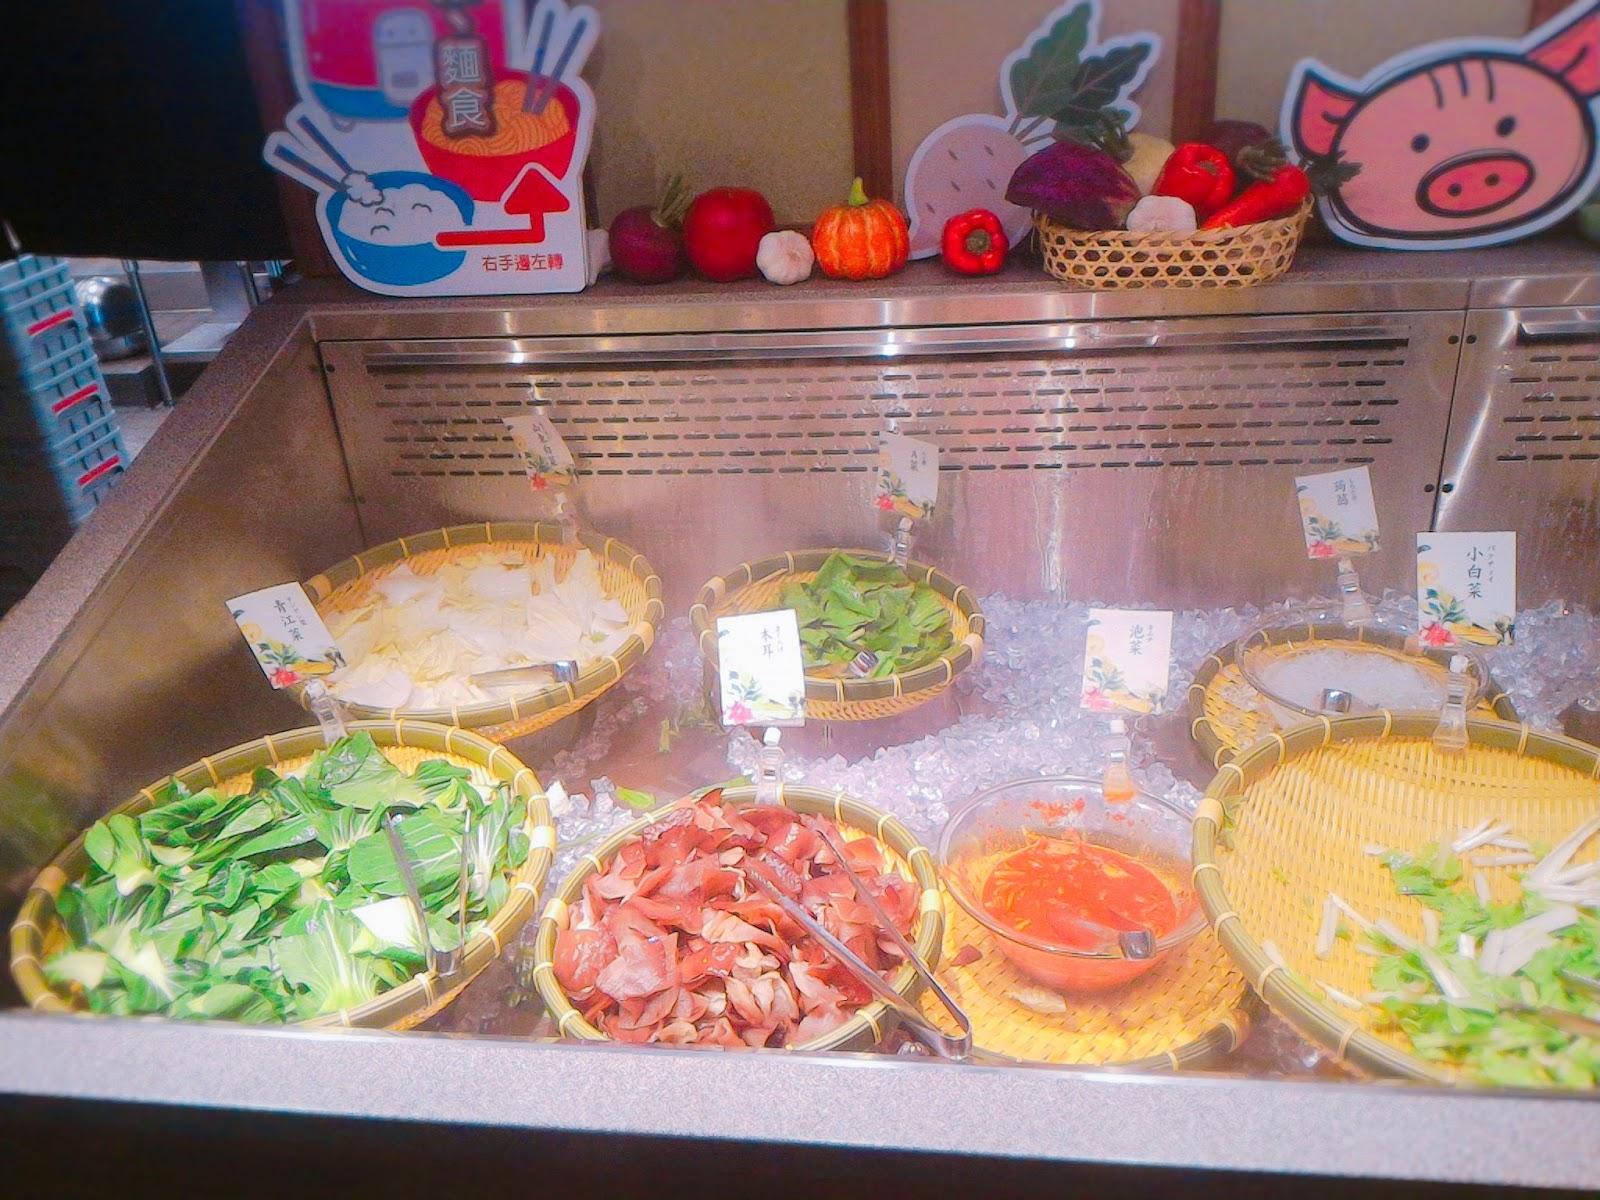 2016 10 16 19 33 36 - 【台南東區】涮乃葉吃到飽日式涮涮鍋 - 新鮮蔬菜與手工拉麵,還有超濃郁的霜淇淋!